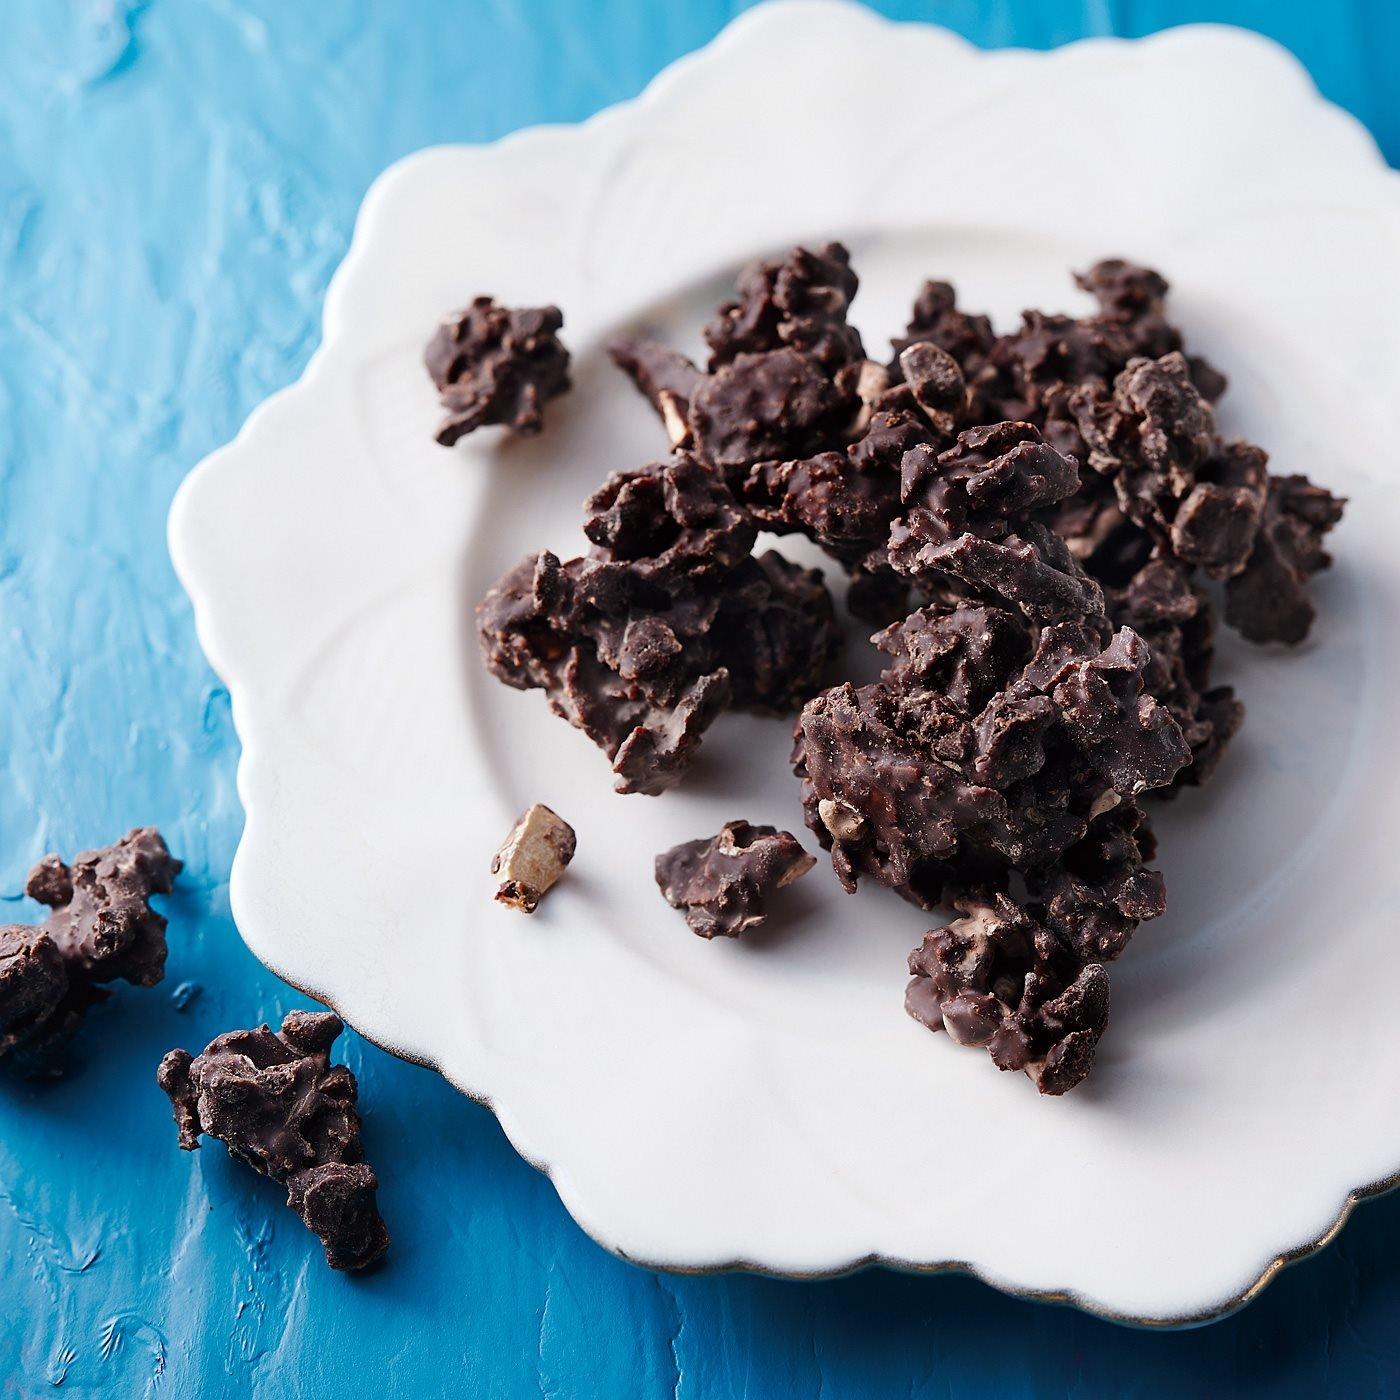 【2月お届け便】グルモンド アーモンドクロカント チョコレート